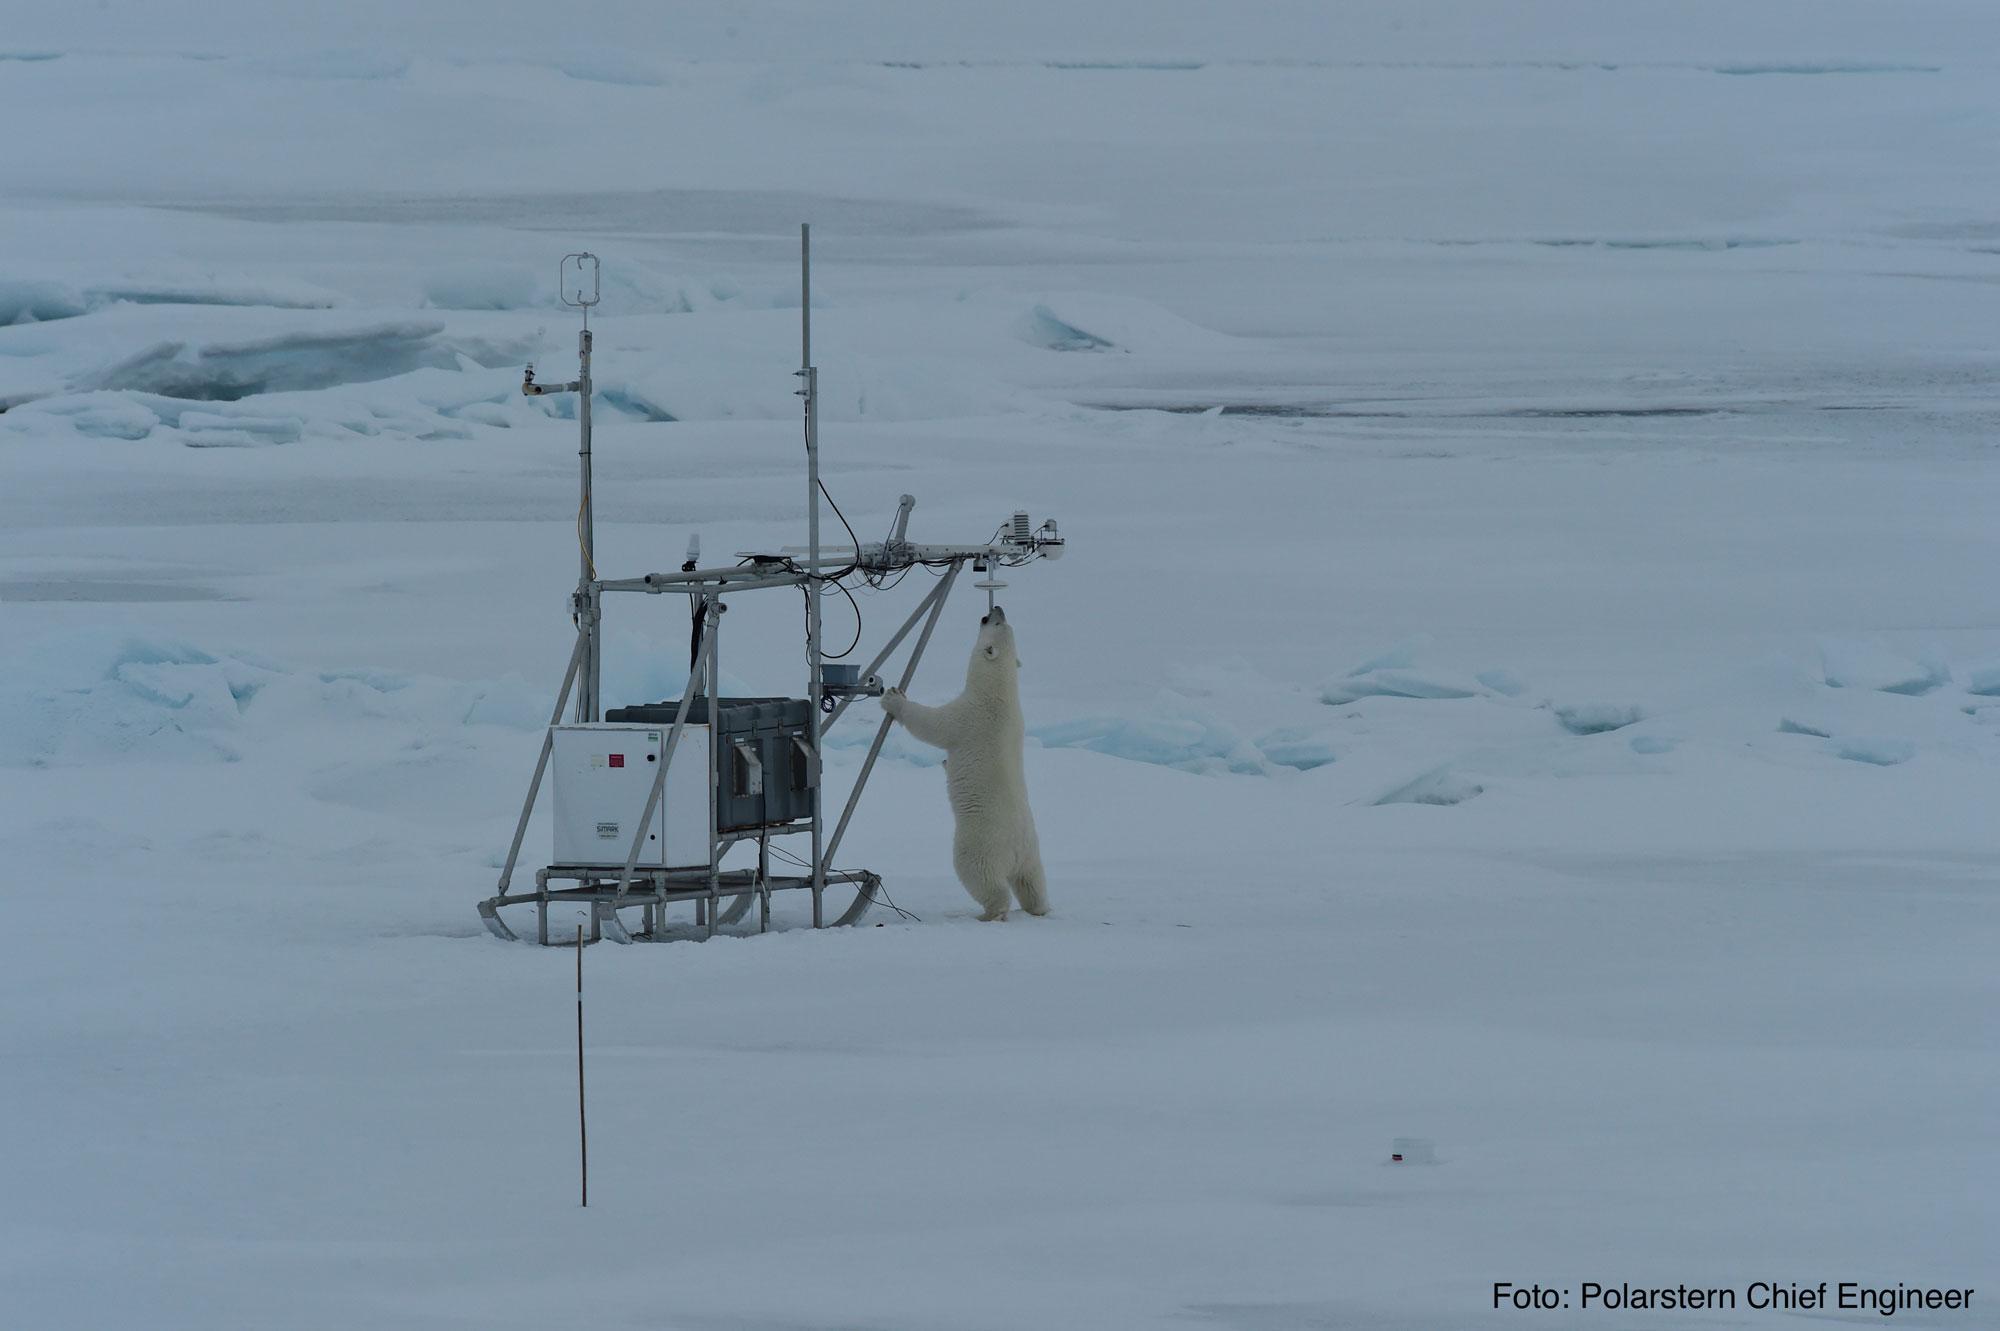 Sledges and polar bears - WSL